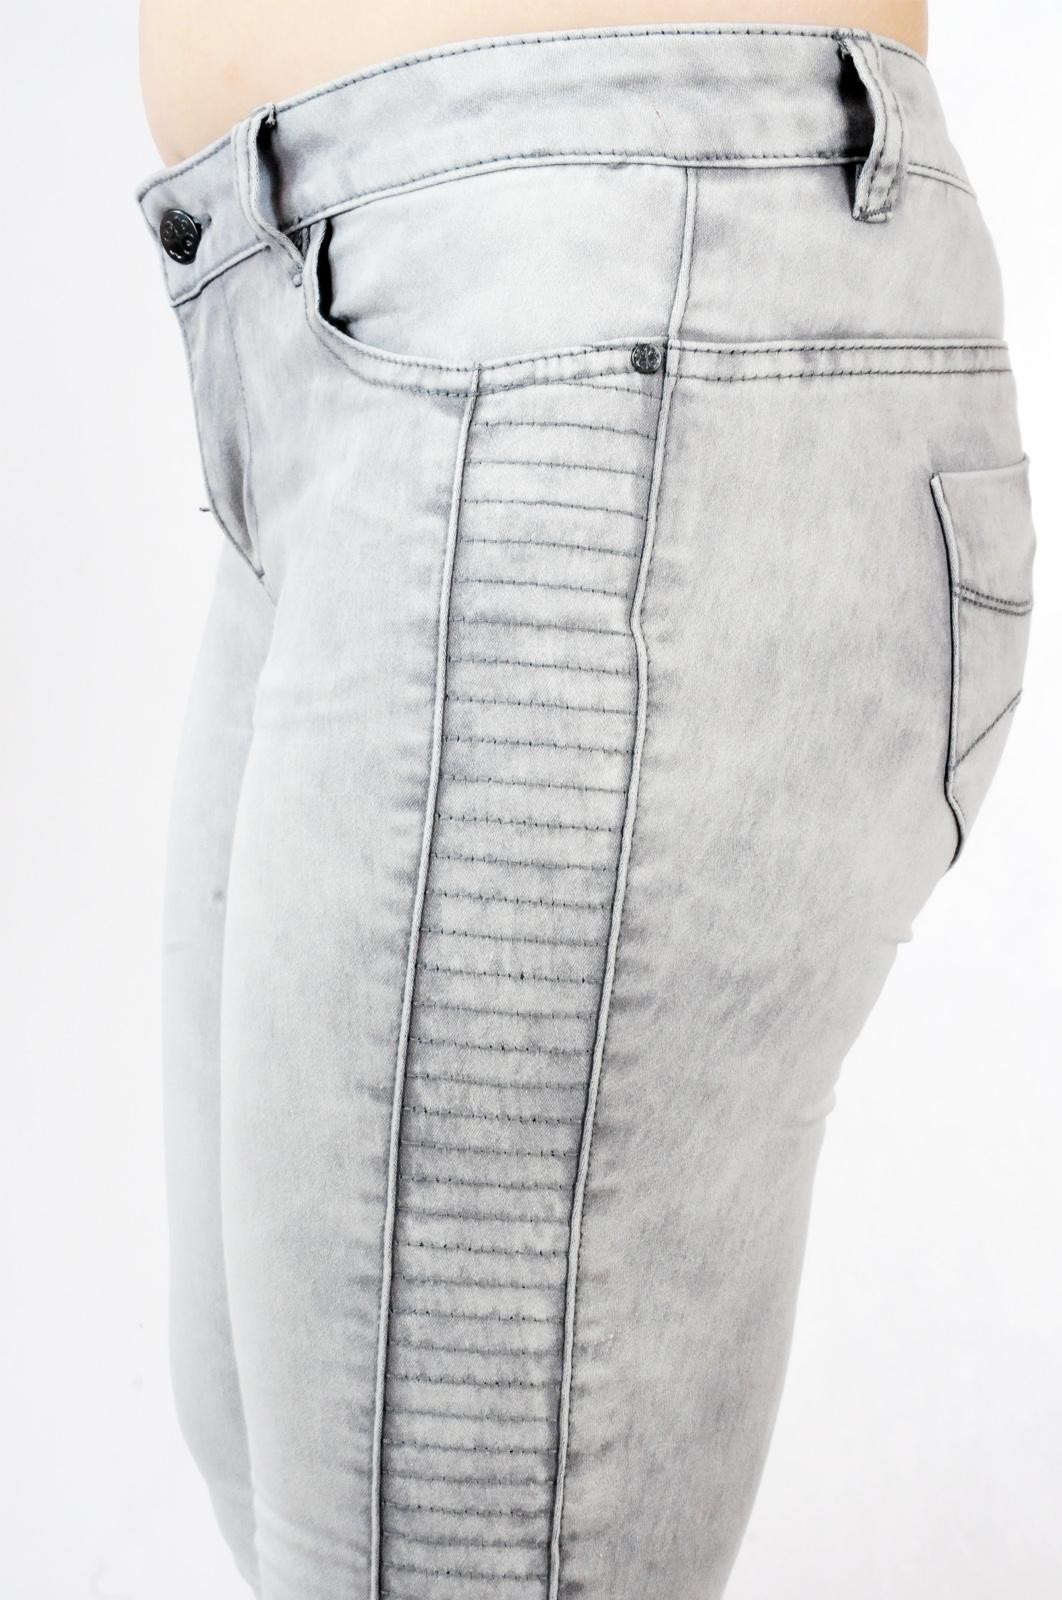 Джинсы свежего дизайна для девушек из коллекции лето-2017 от LPD®